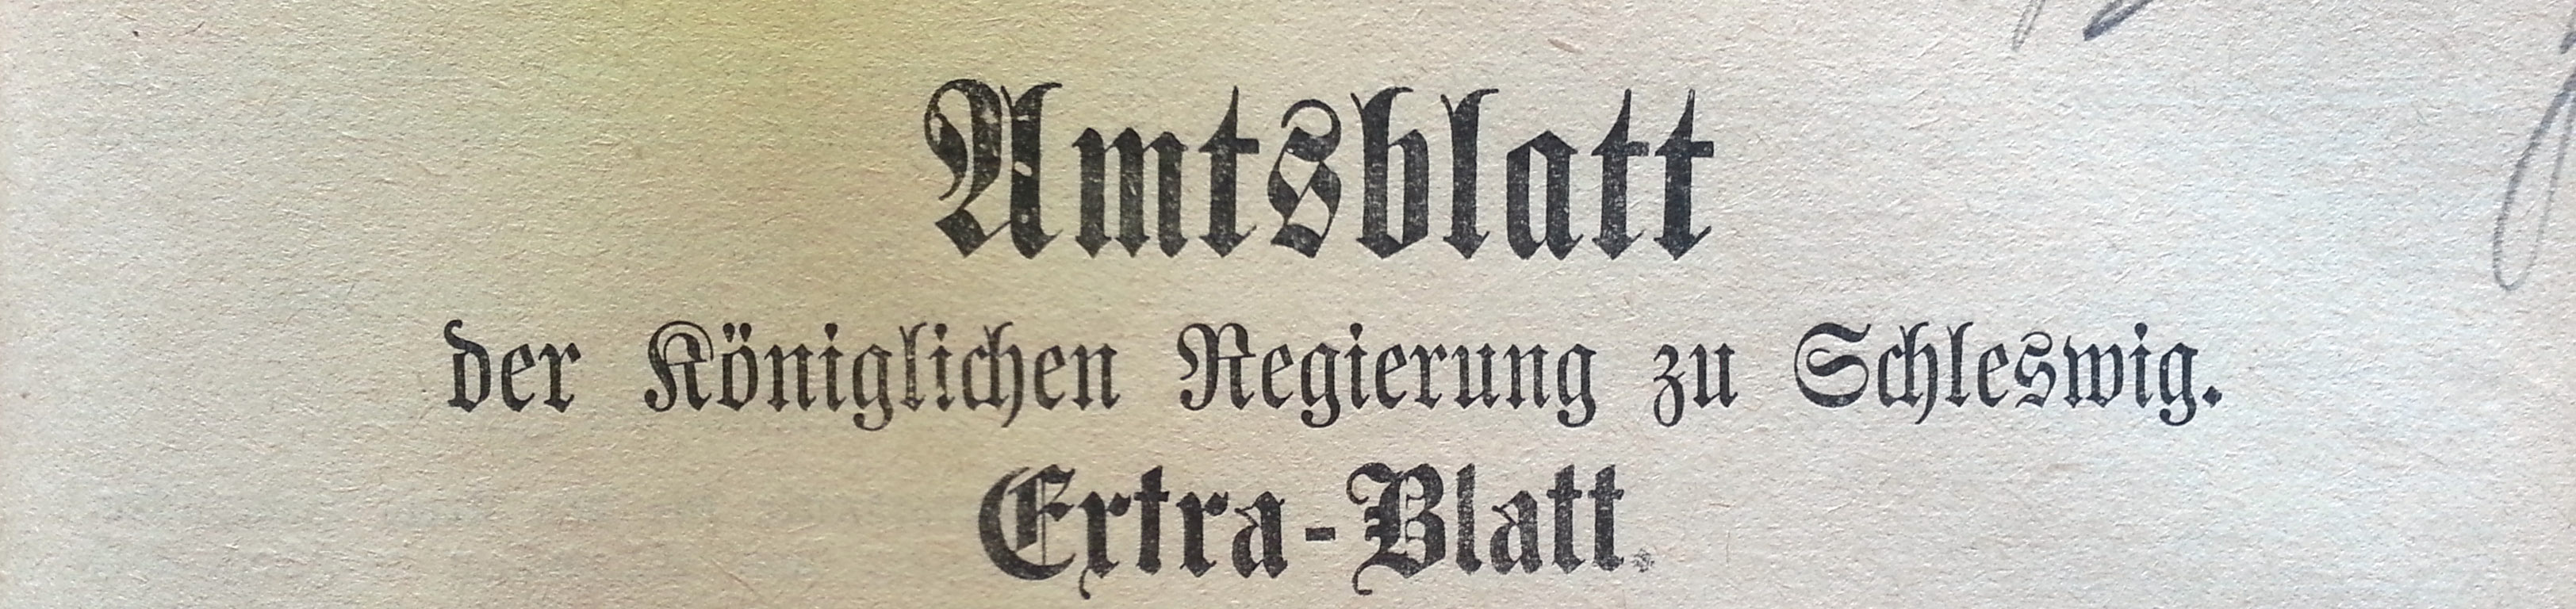 31. august 1914. Indstilling af post og telegrafering